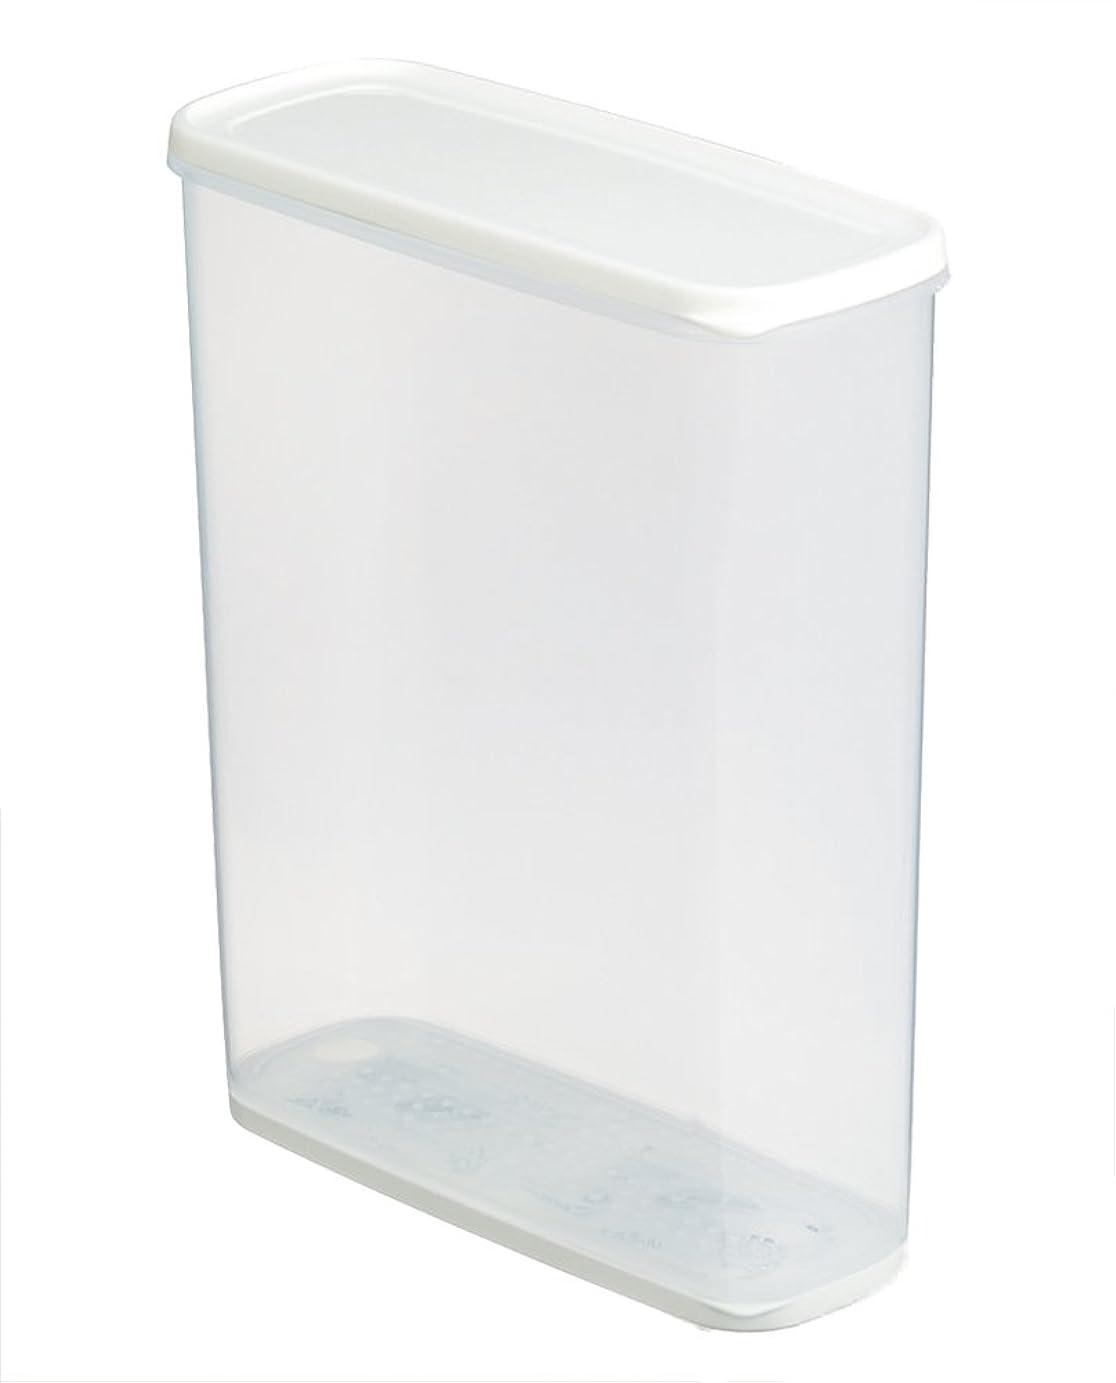 重なる逃すオーバーヘッドイノマタ化学 保存容器 乾物ストッカー 乾燥剤付き ホワイト